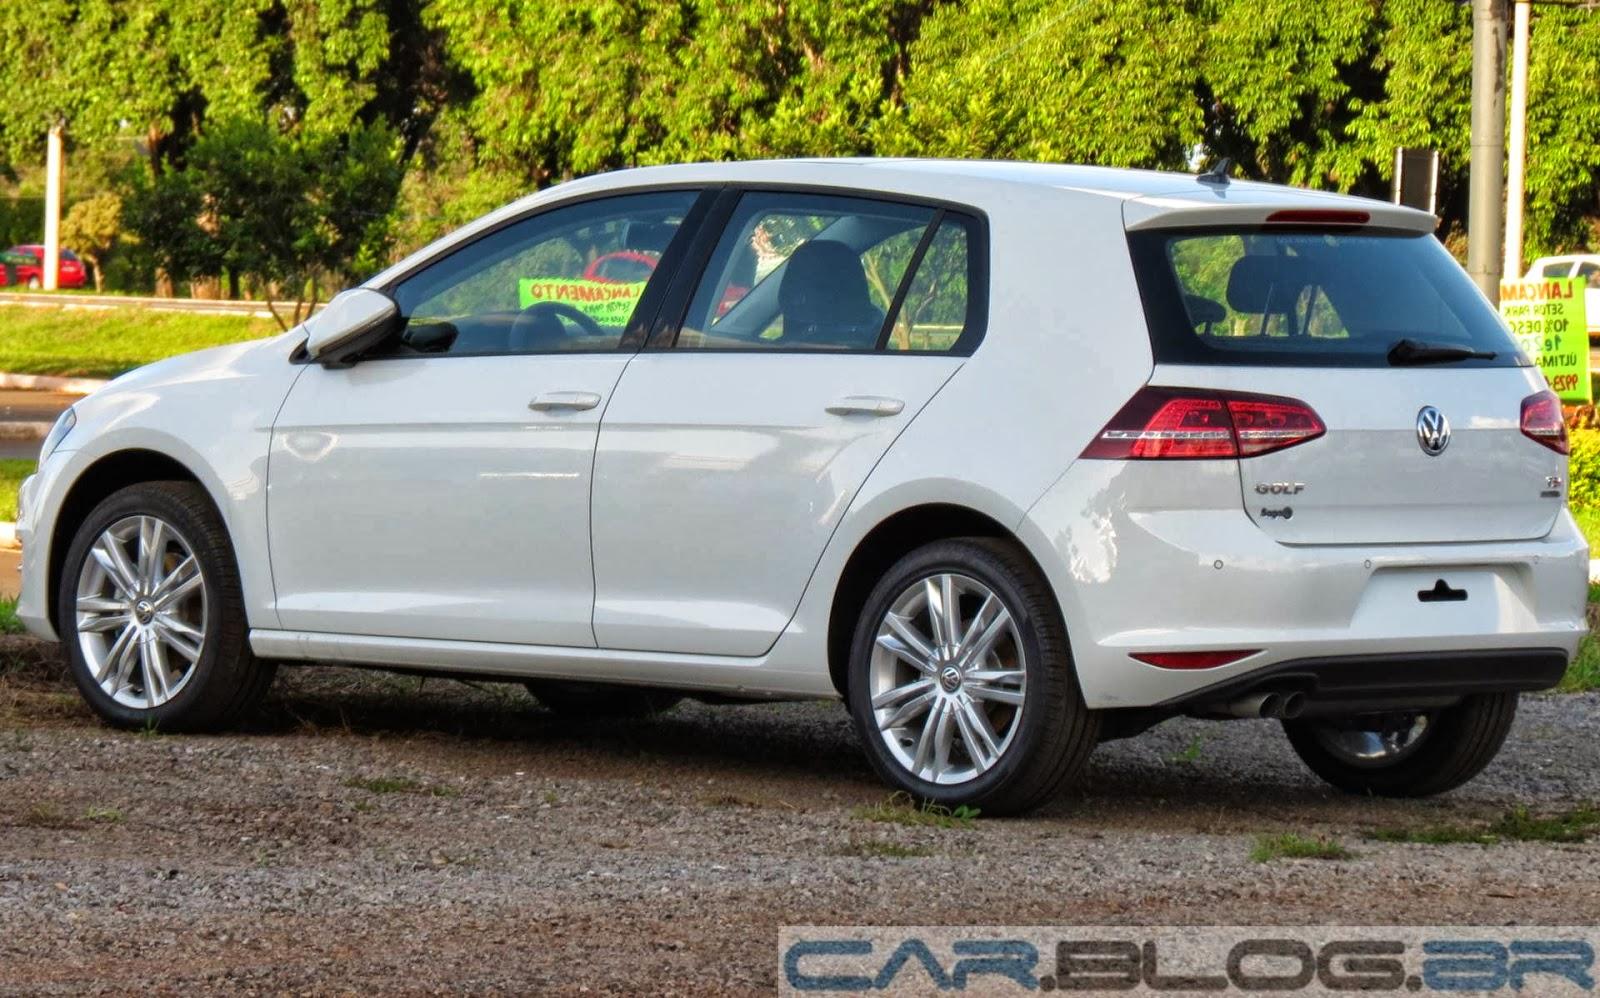 VW Golf TSI longa duração - Quatro Rodas